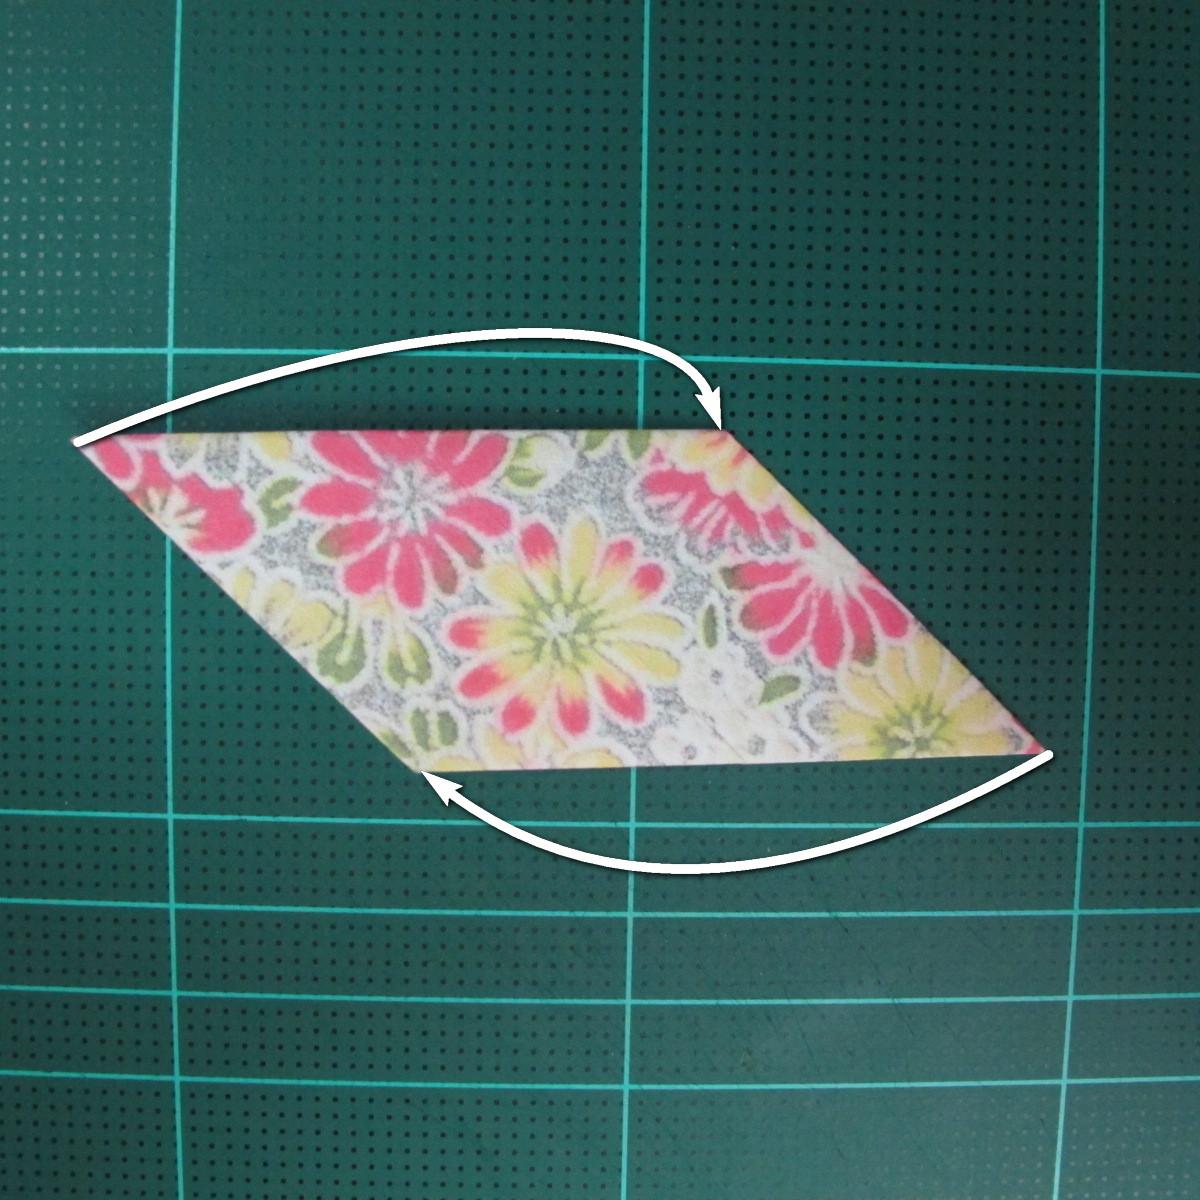 การพับกระดาษเป็นรูปเรขาคณิตทรงลูกบาศก์แบบแยกชิ้นประกอบ (Modular Origami Cube) 014